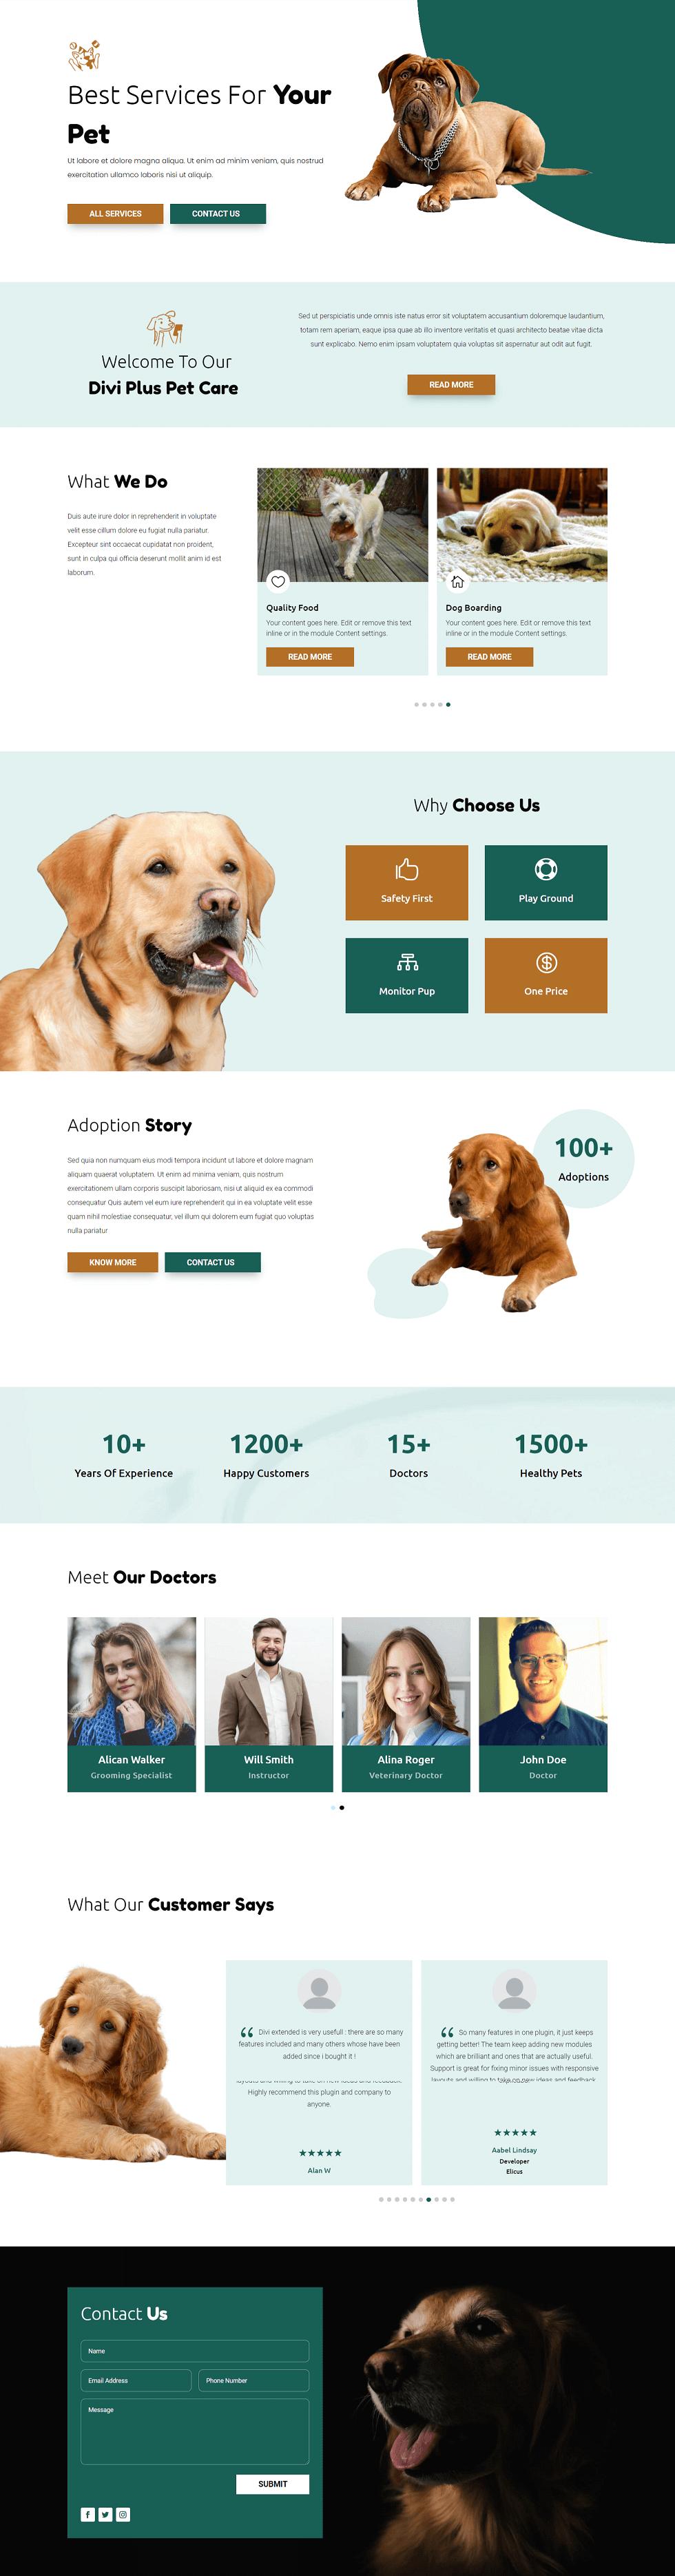 Divi Plus Pet Care Image